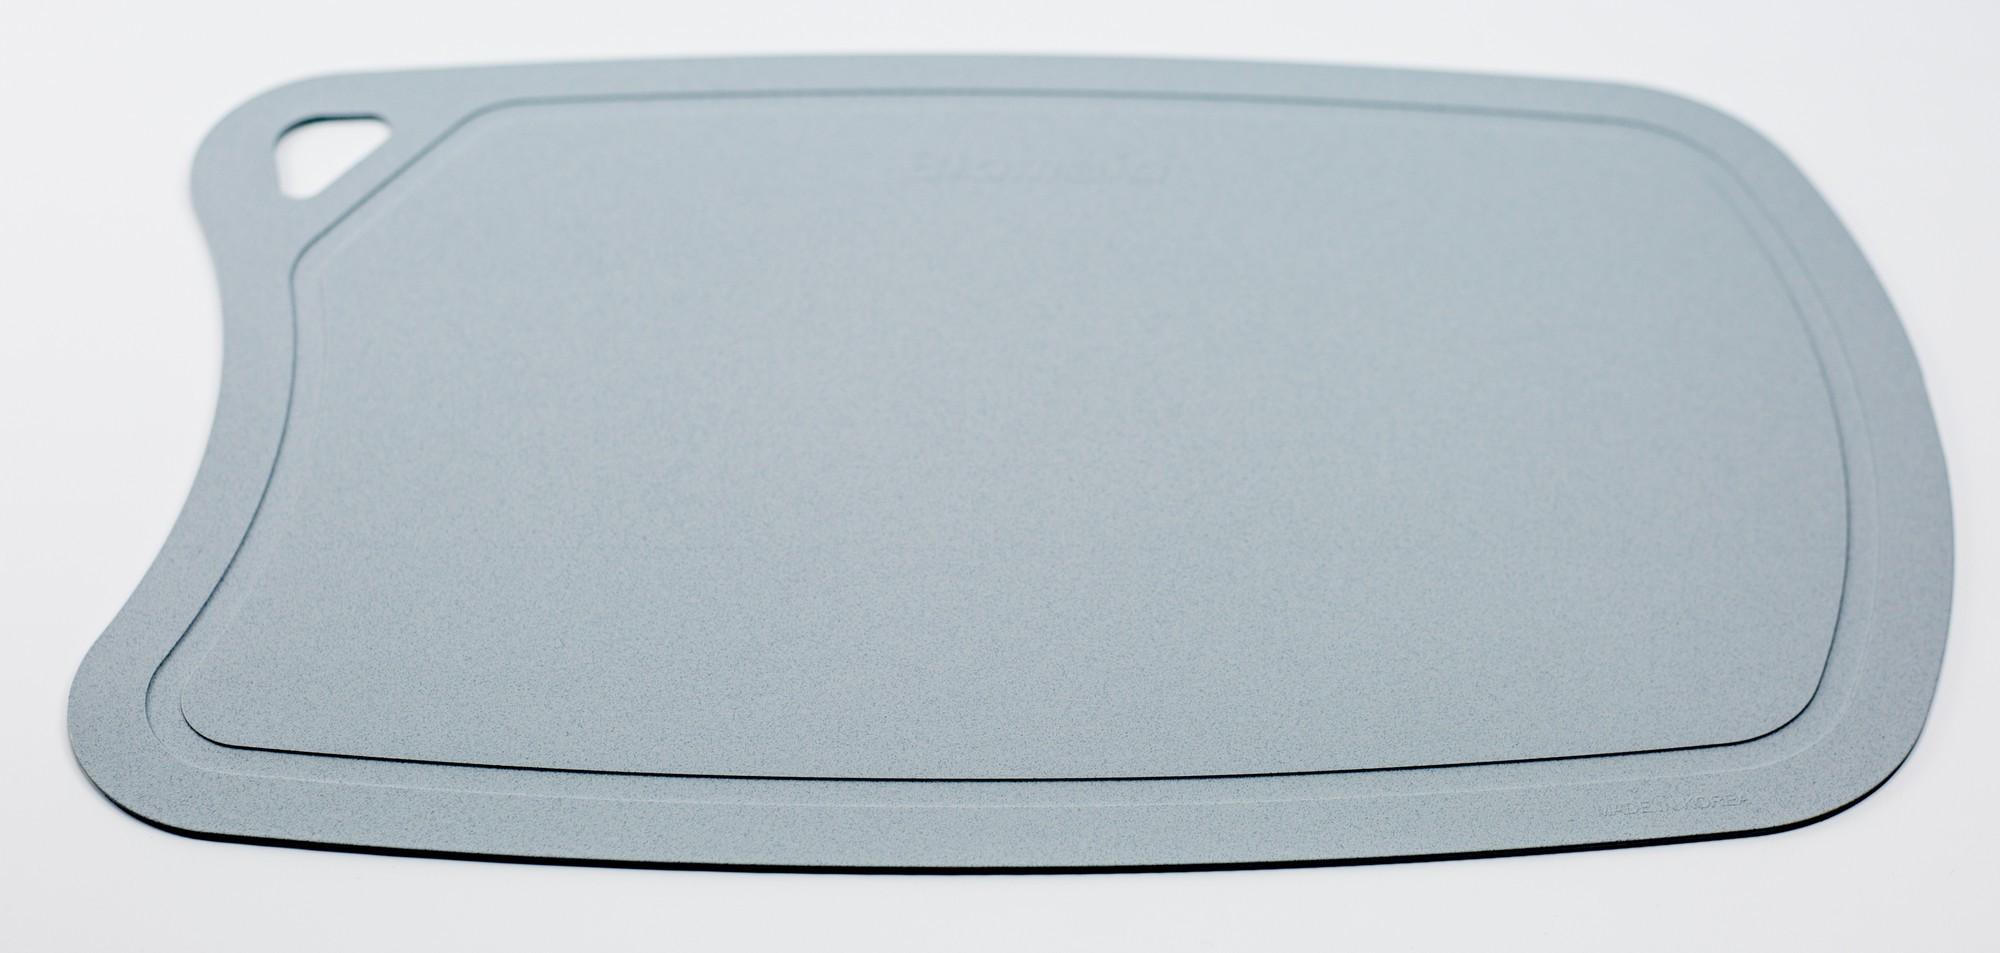 Доска разделочная BIOMAID угольная, термопластичный полиуретан, сераяTojiro<br>Доска разделочная BIOMAID угольная, термопластичный полиуретан, серый, 380x250x2мм<br>